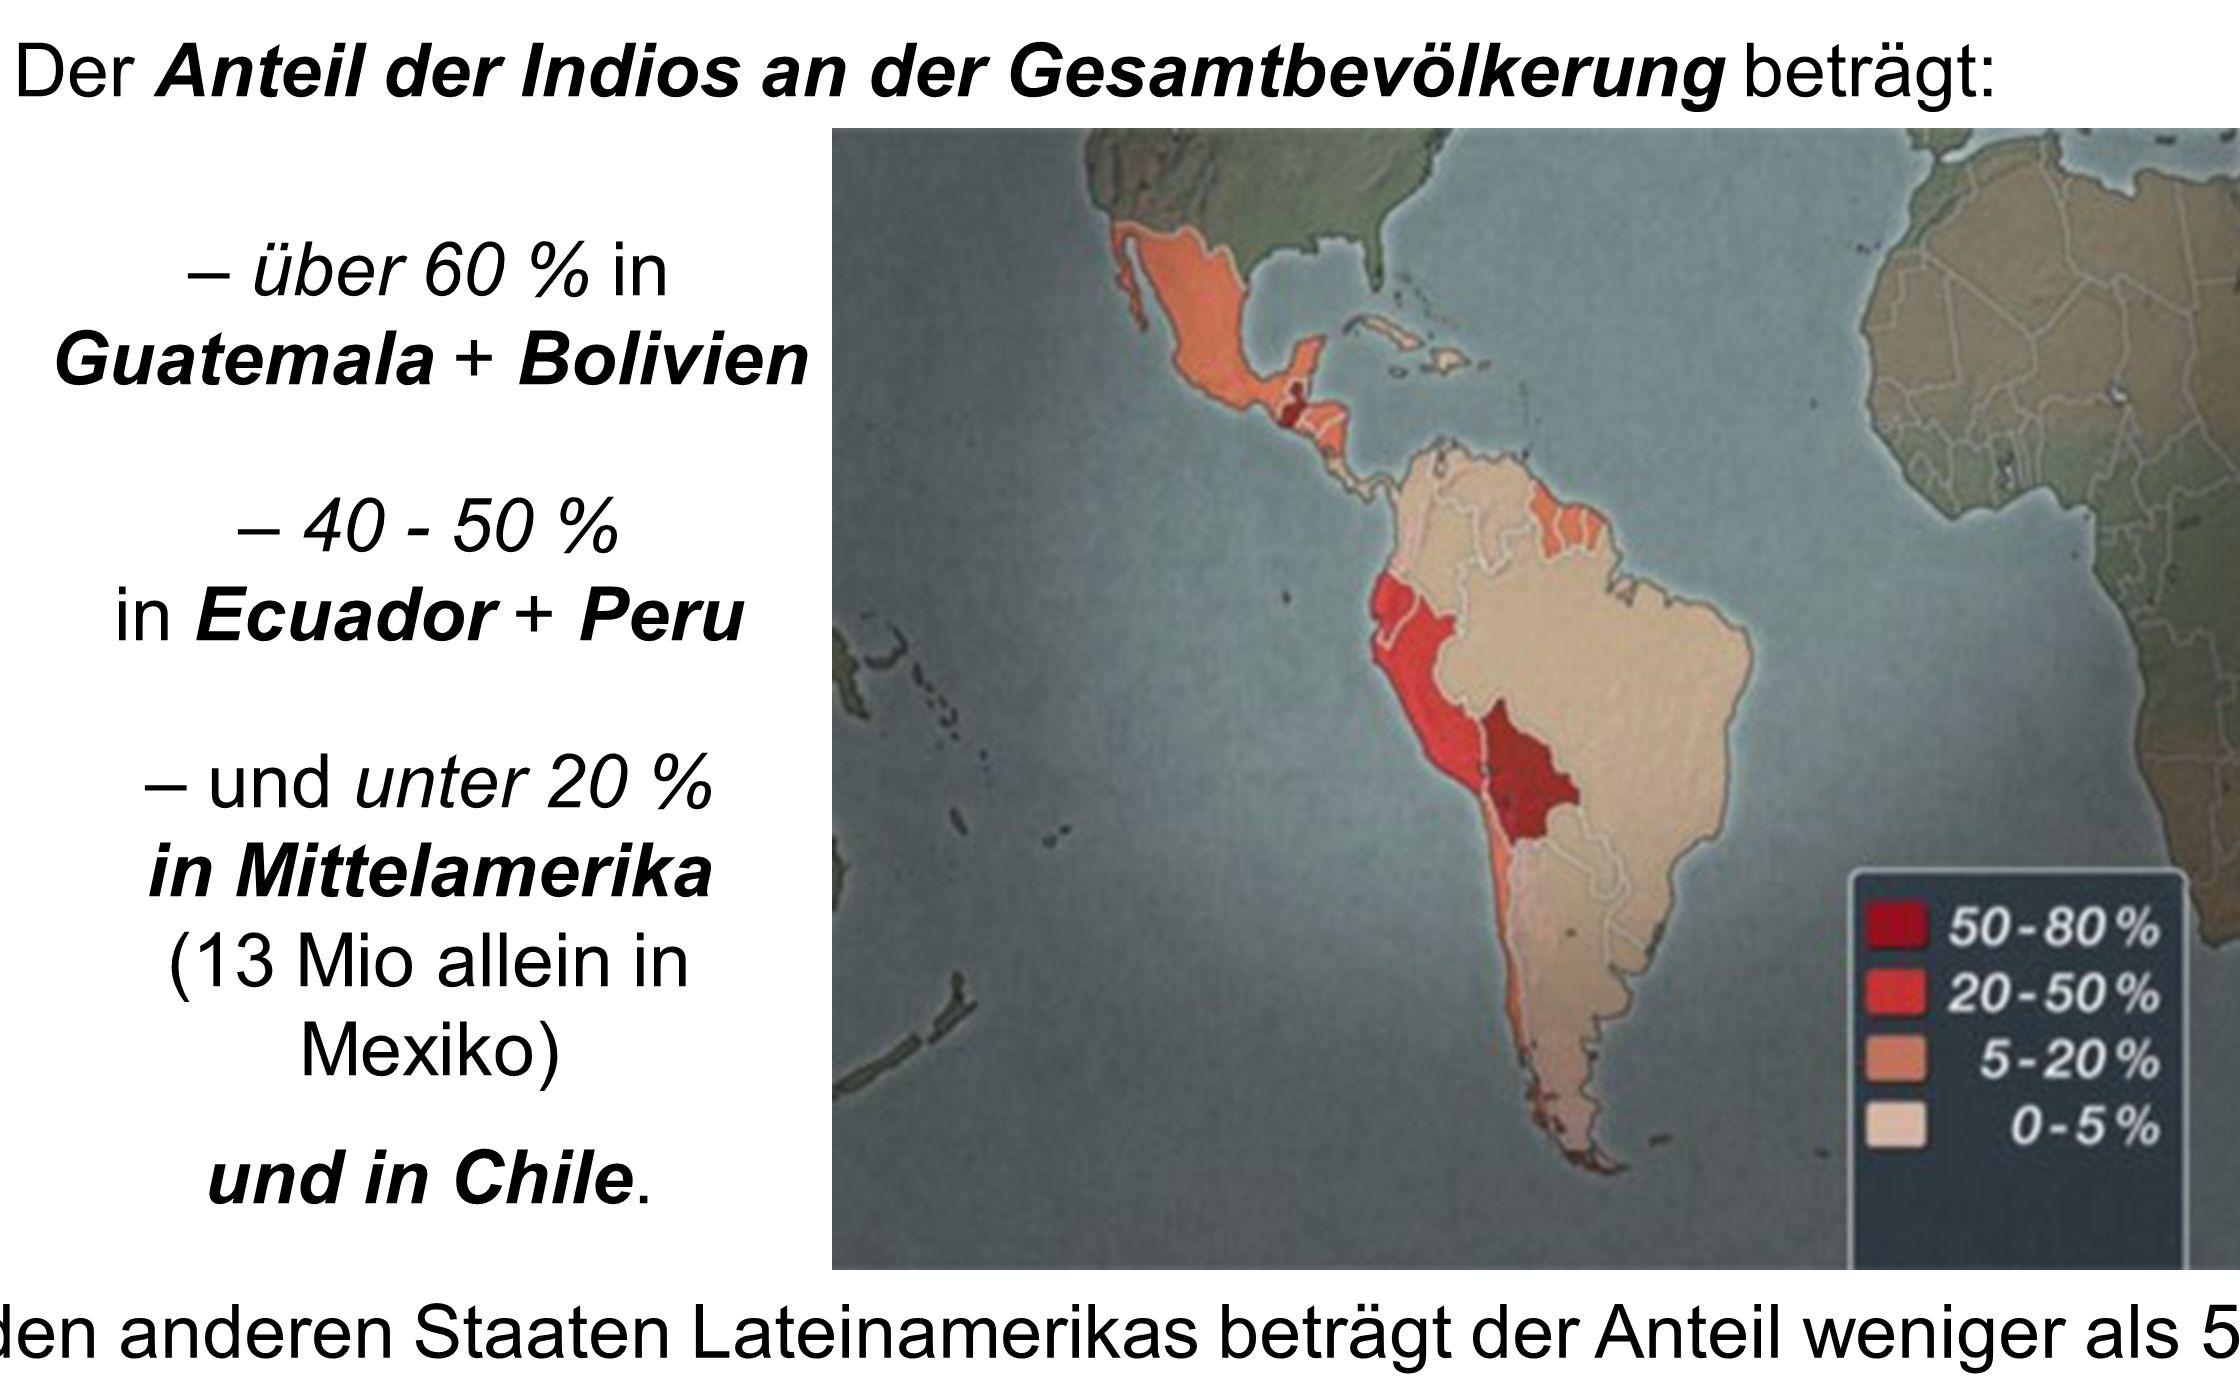 Der Anteil der Indios an der Gesamtbevölkerung beträgt: